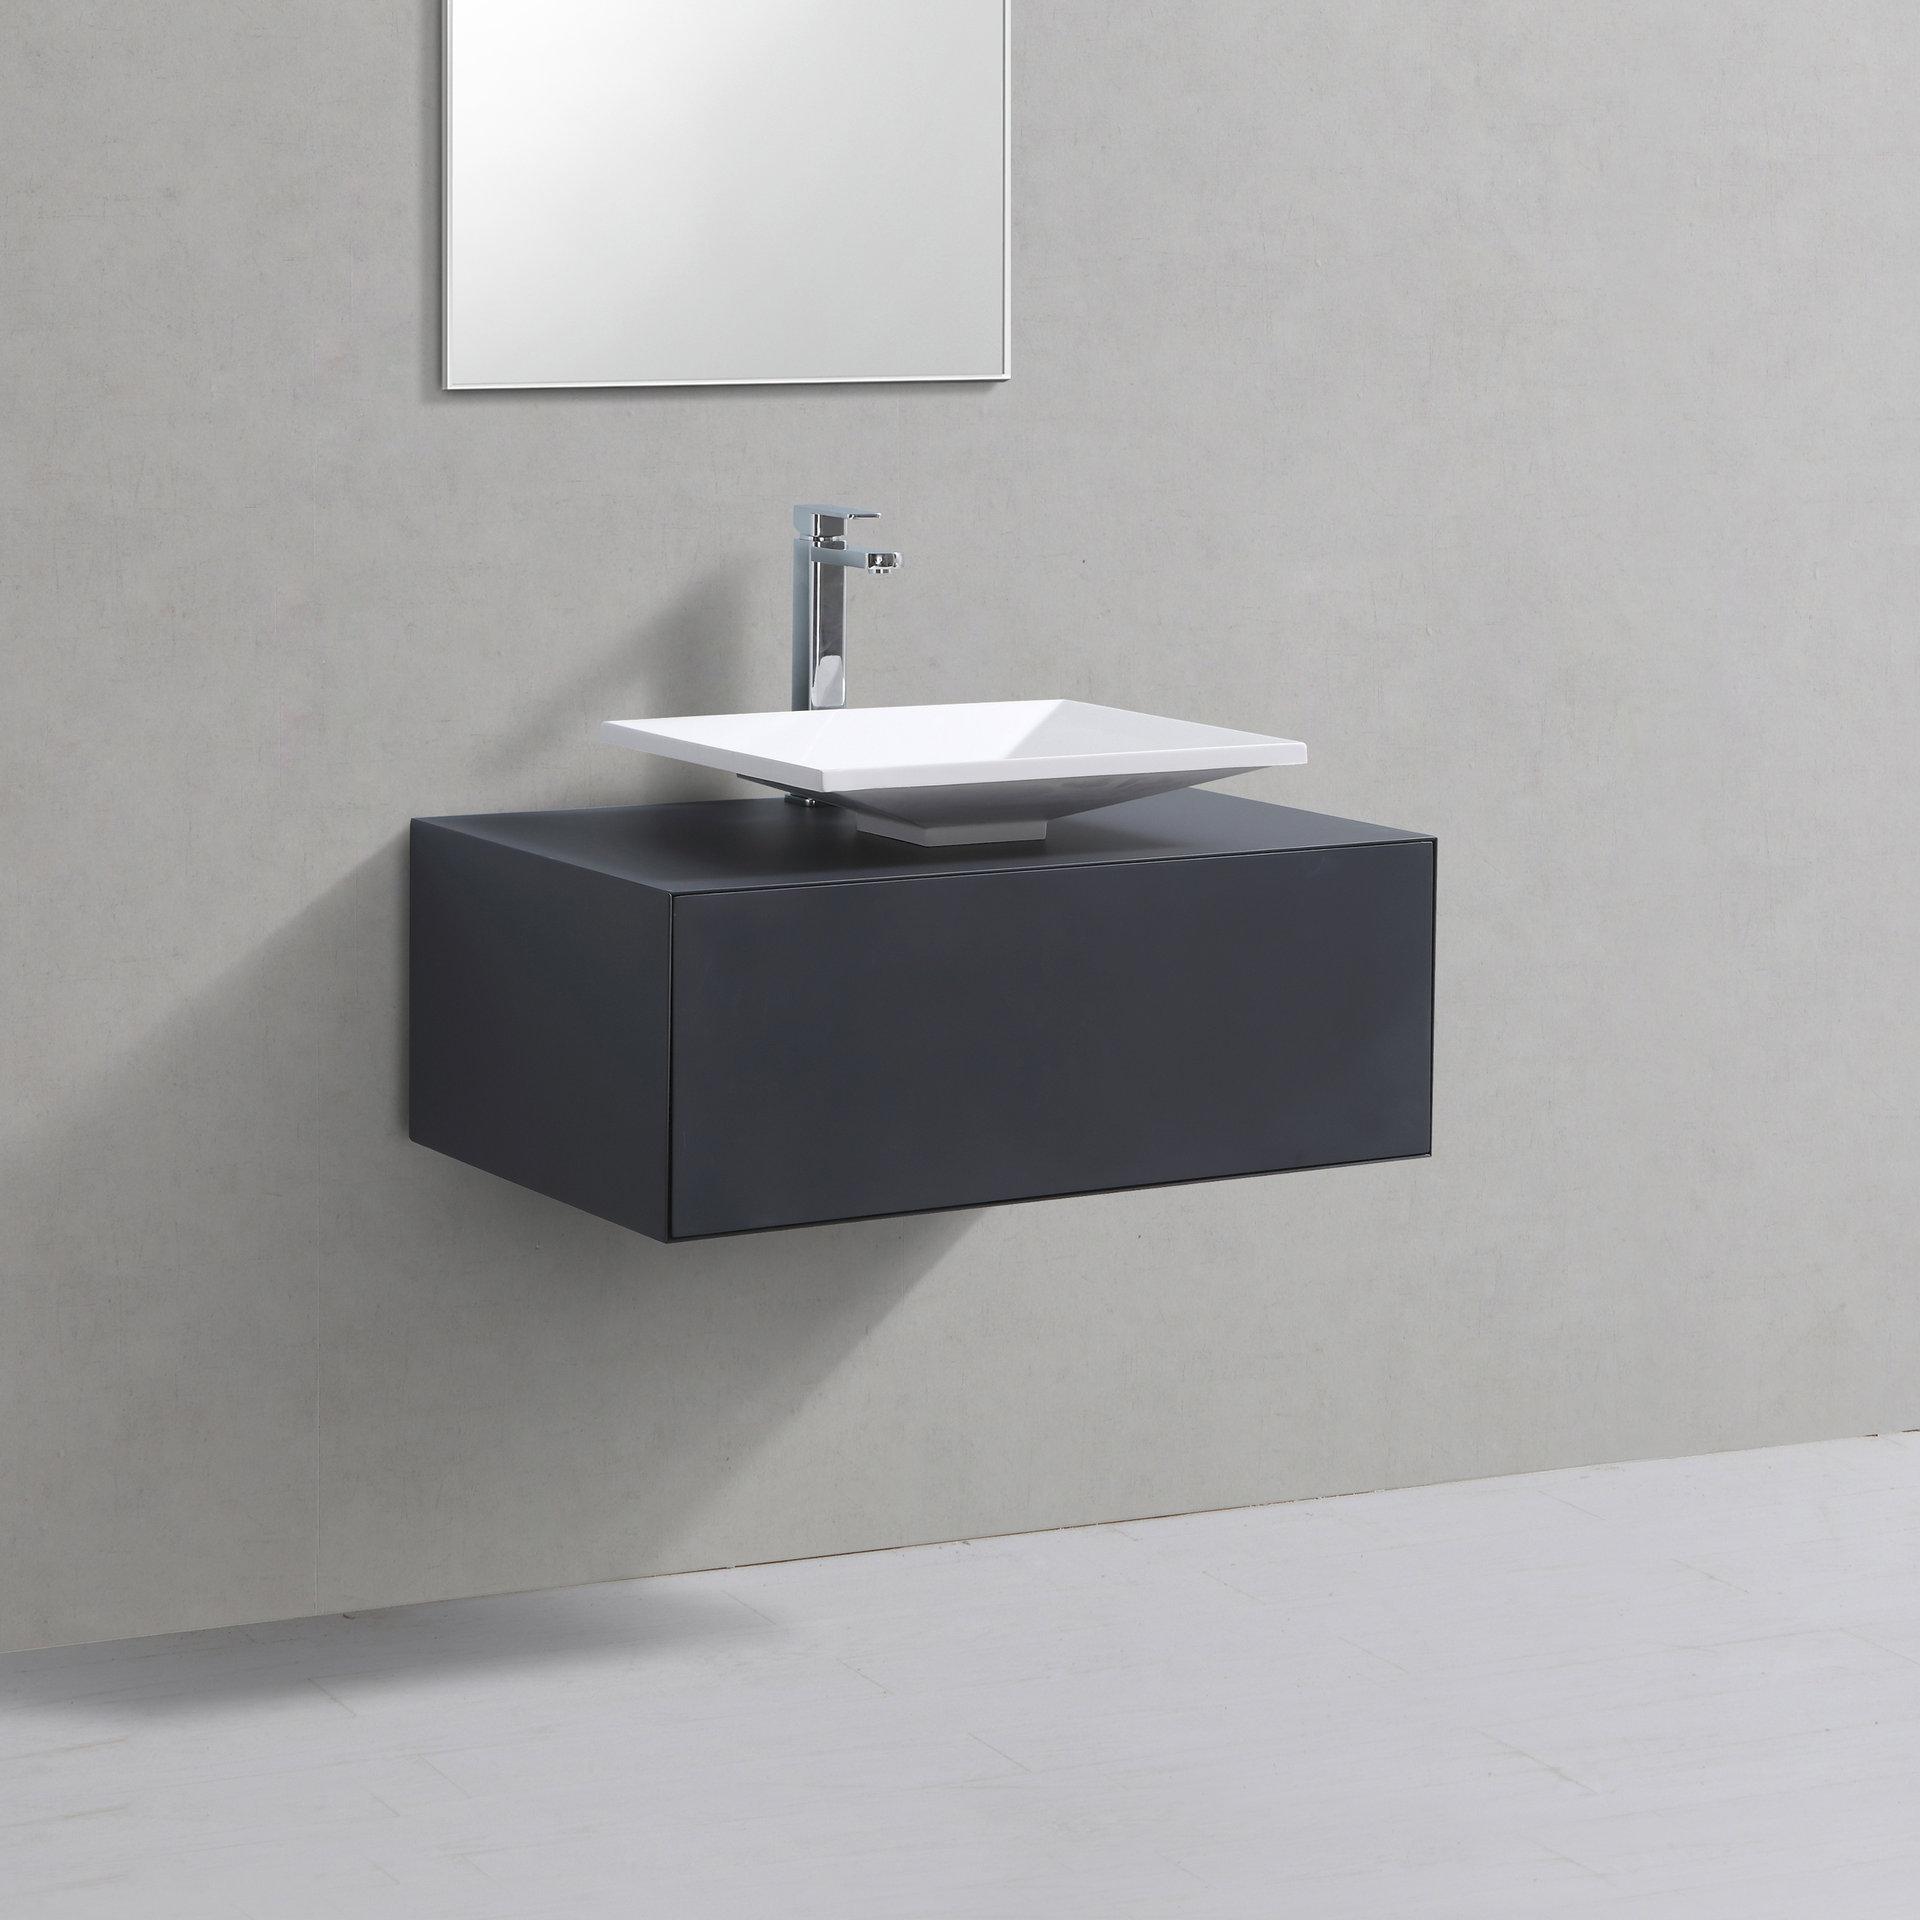 Badmöbel Unterschrank LUMINO 80 in grau inkl. Waschtisch